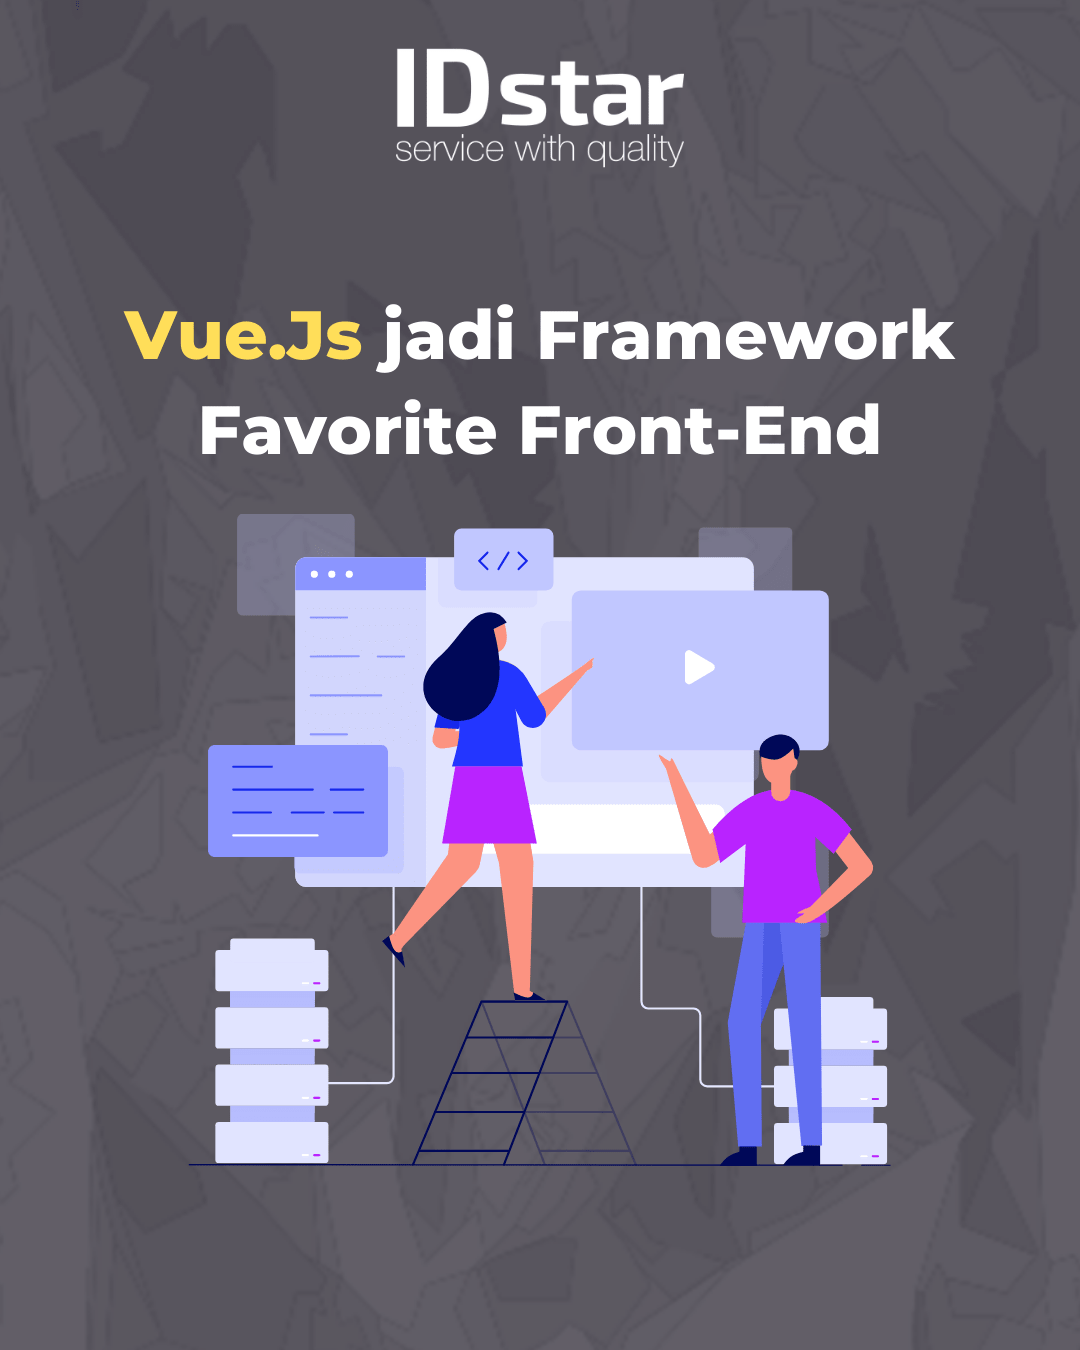 Vue.Js jadi Framework Favorite Front-End